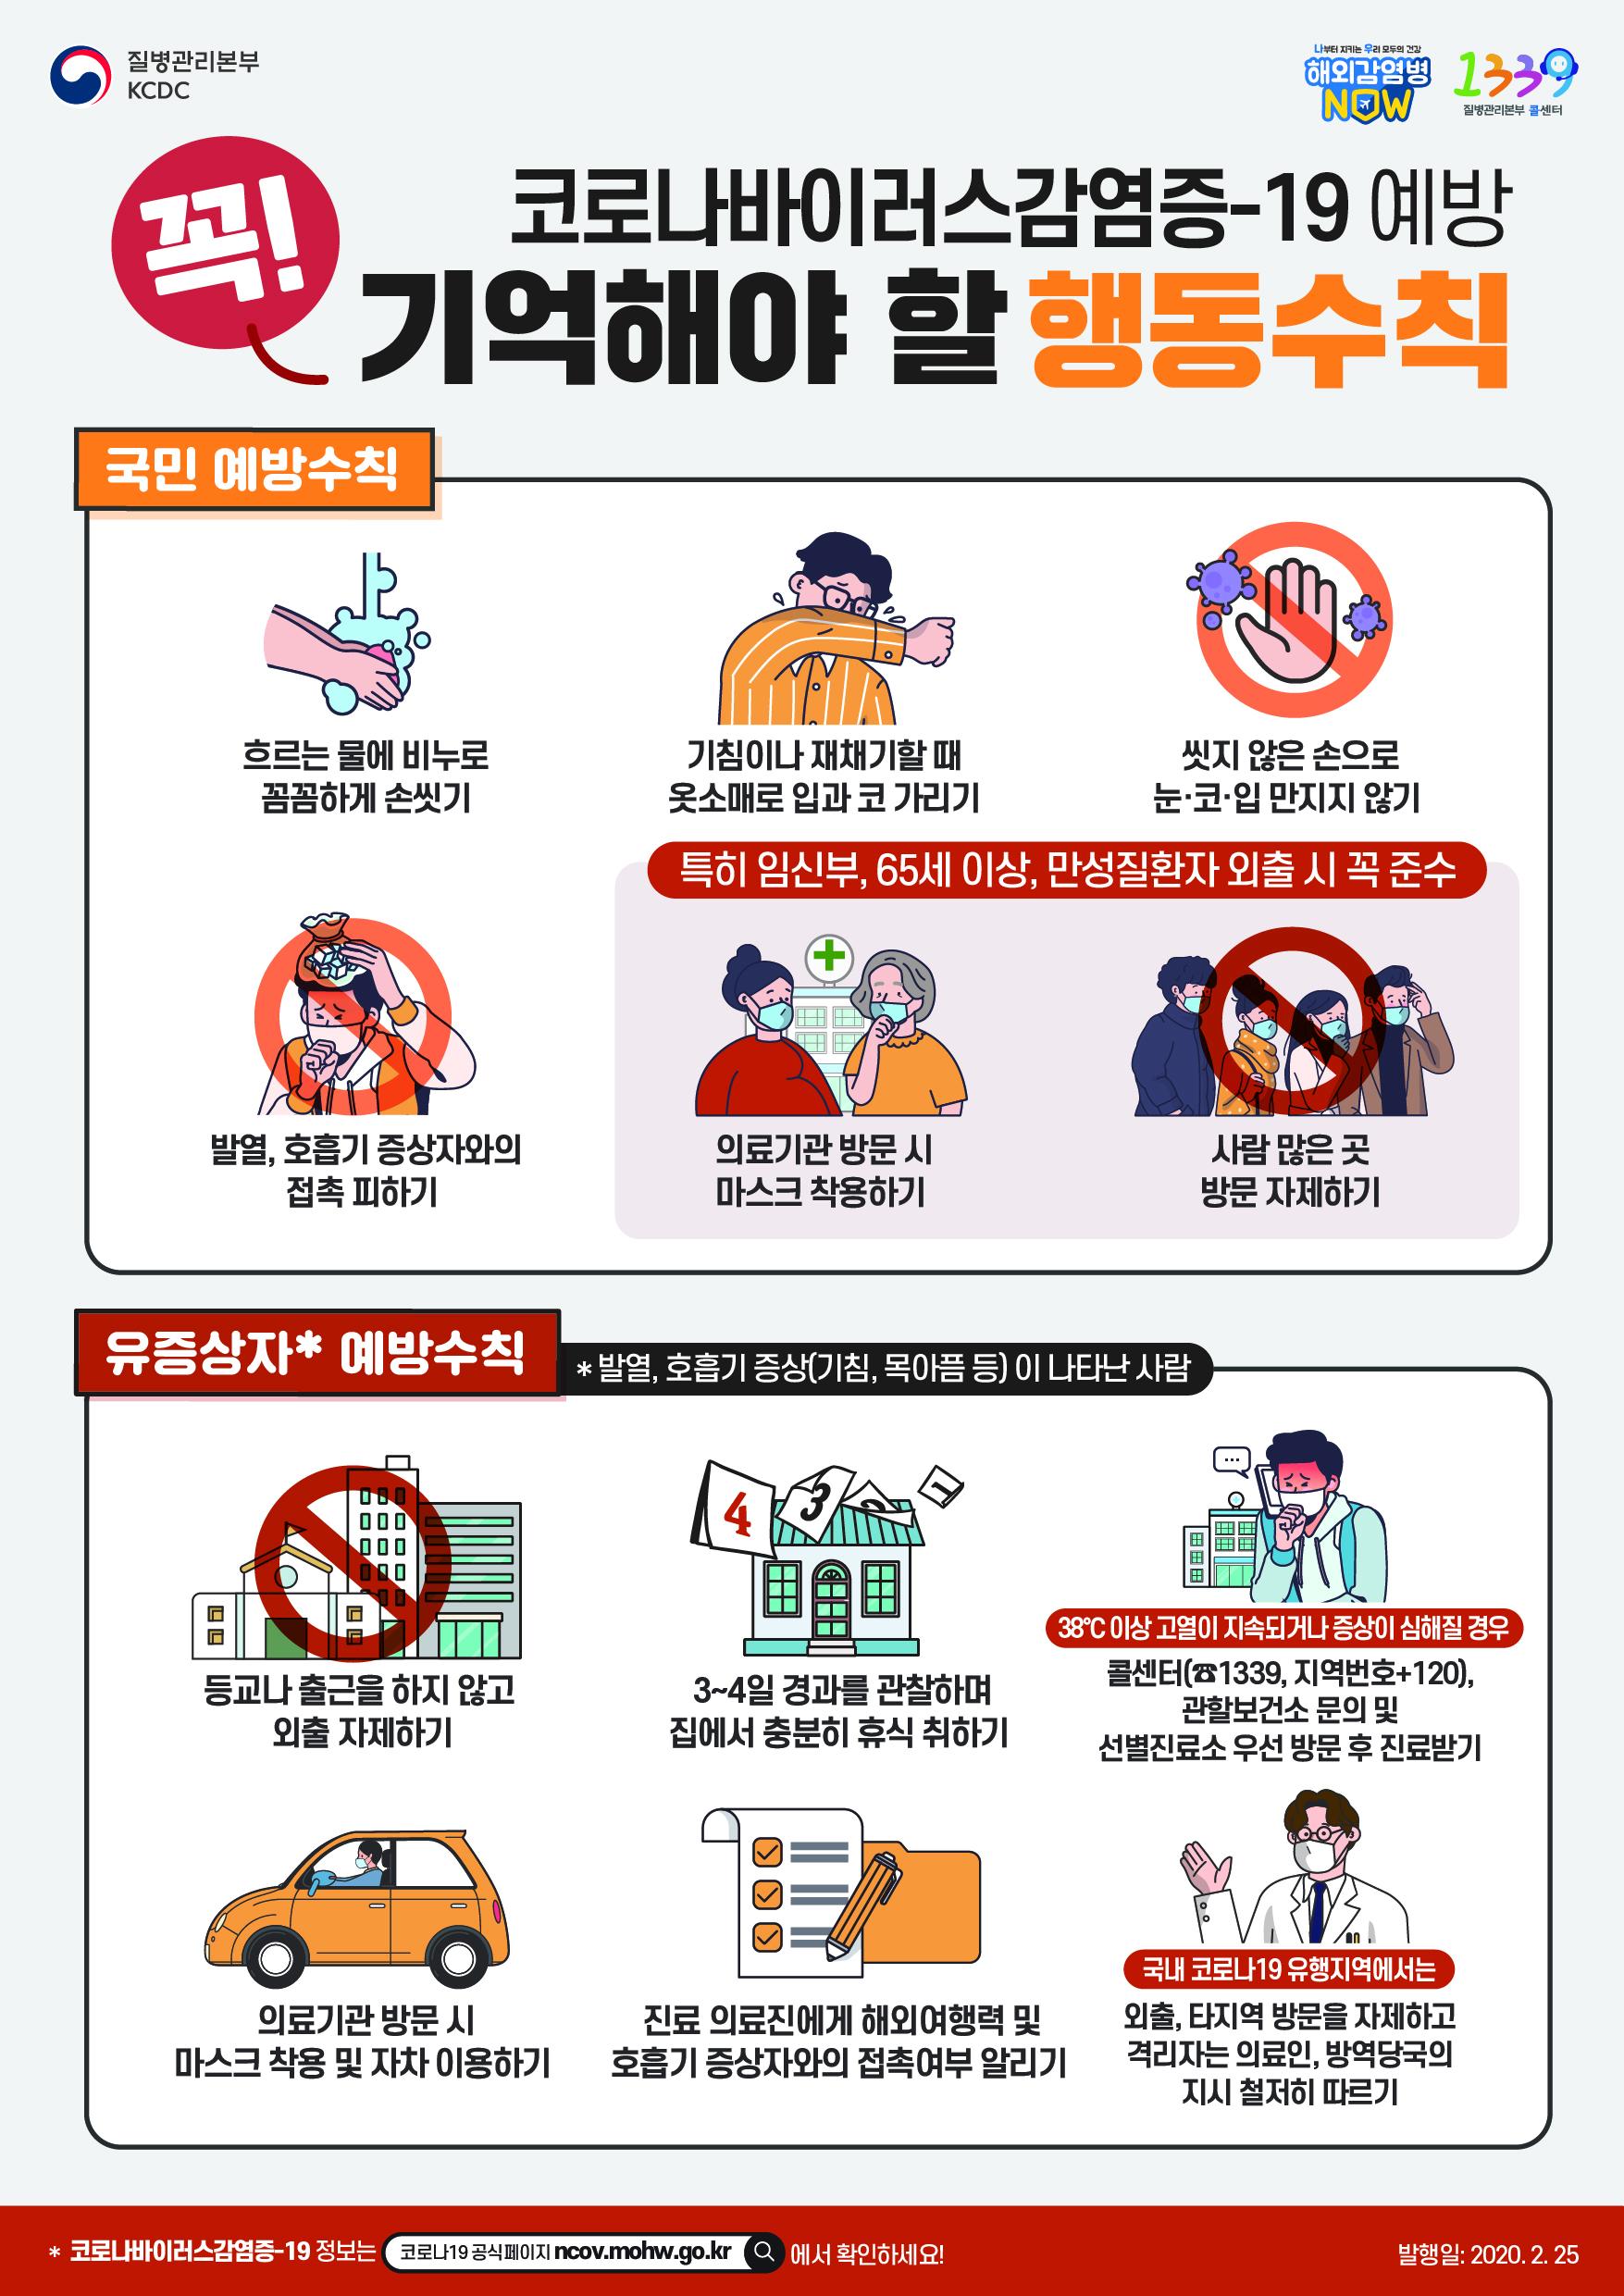 0225 코로나19 행동수칙 포스터(통합본)_국문_세로형.jpg